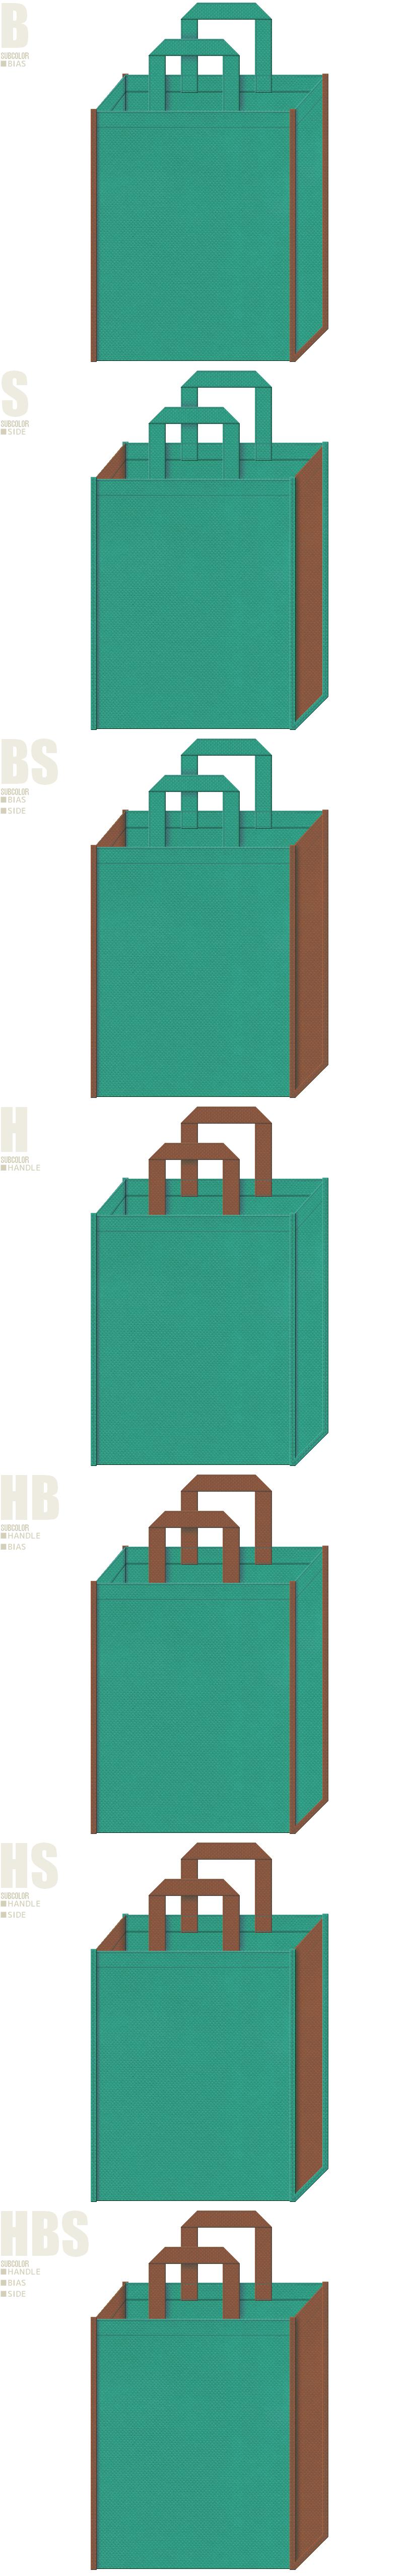 絵本・おとぎ話・森のイメージにお奨めの不織布バッグデザイン:青緑色と茶色の不織布バッグ配色7パターン。